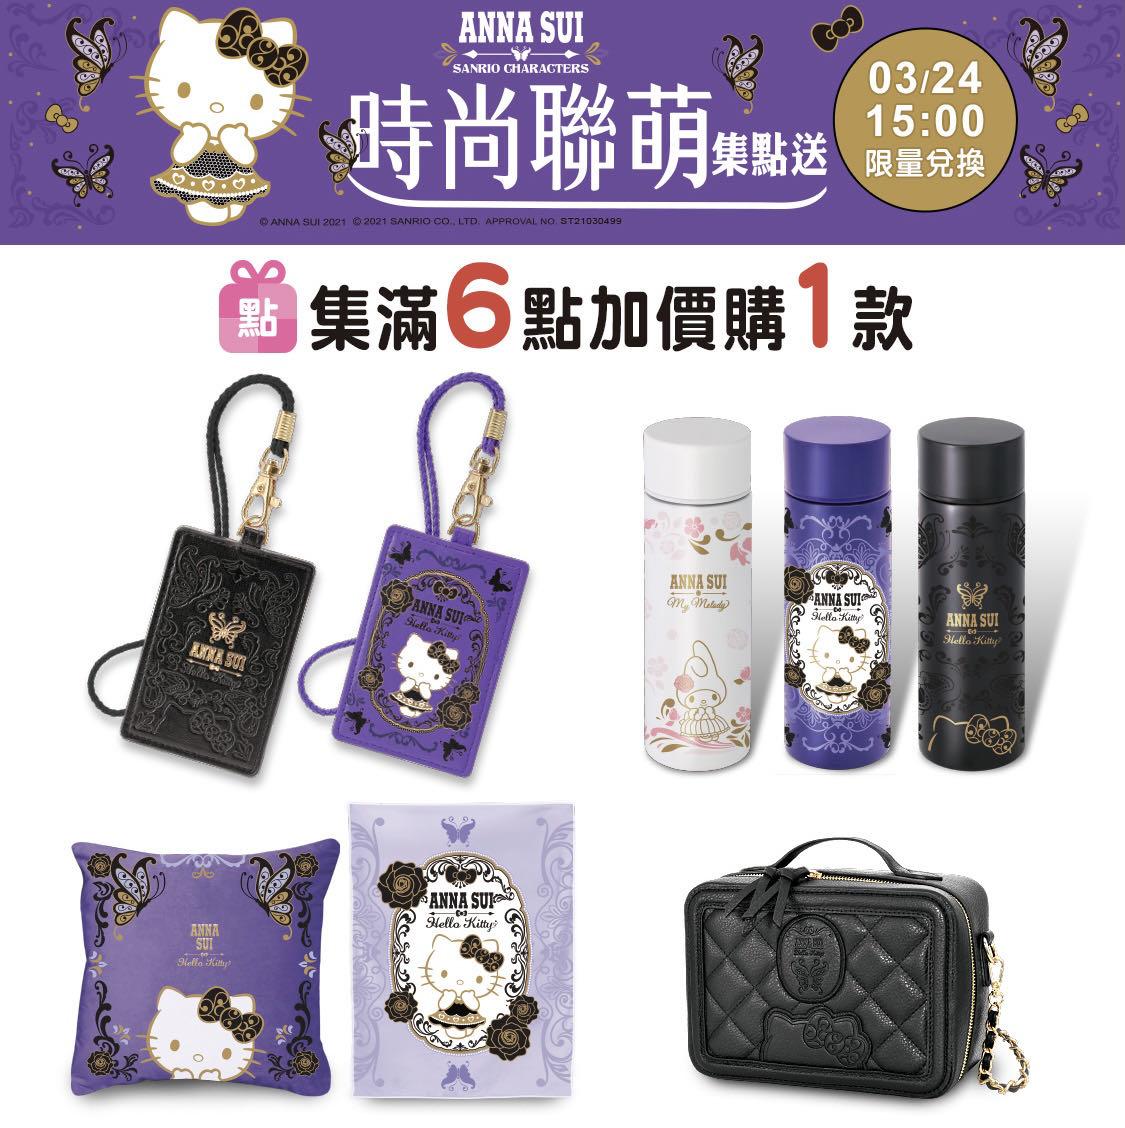 [進擊的海賊]7-11 ANNA SUI Hello Kitty 三麗鷗 輕量 保溫瓶 神秘黑 魔幻紫 全新現貨